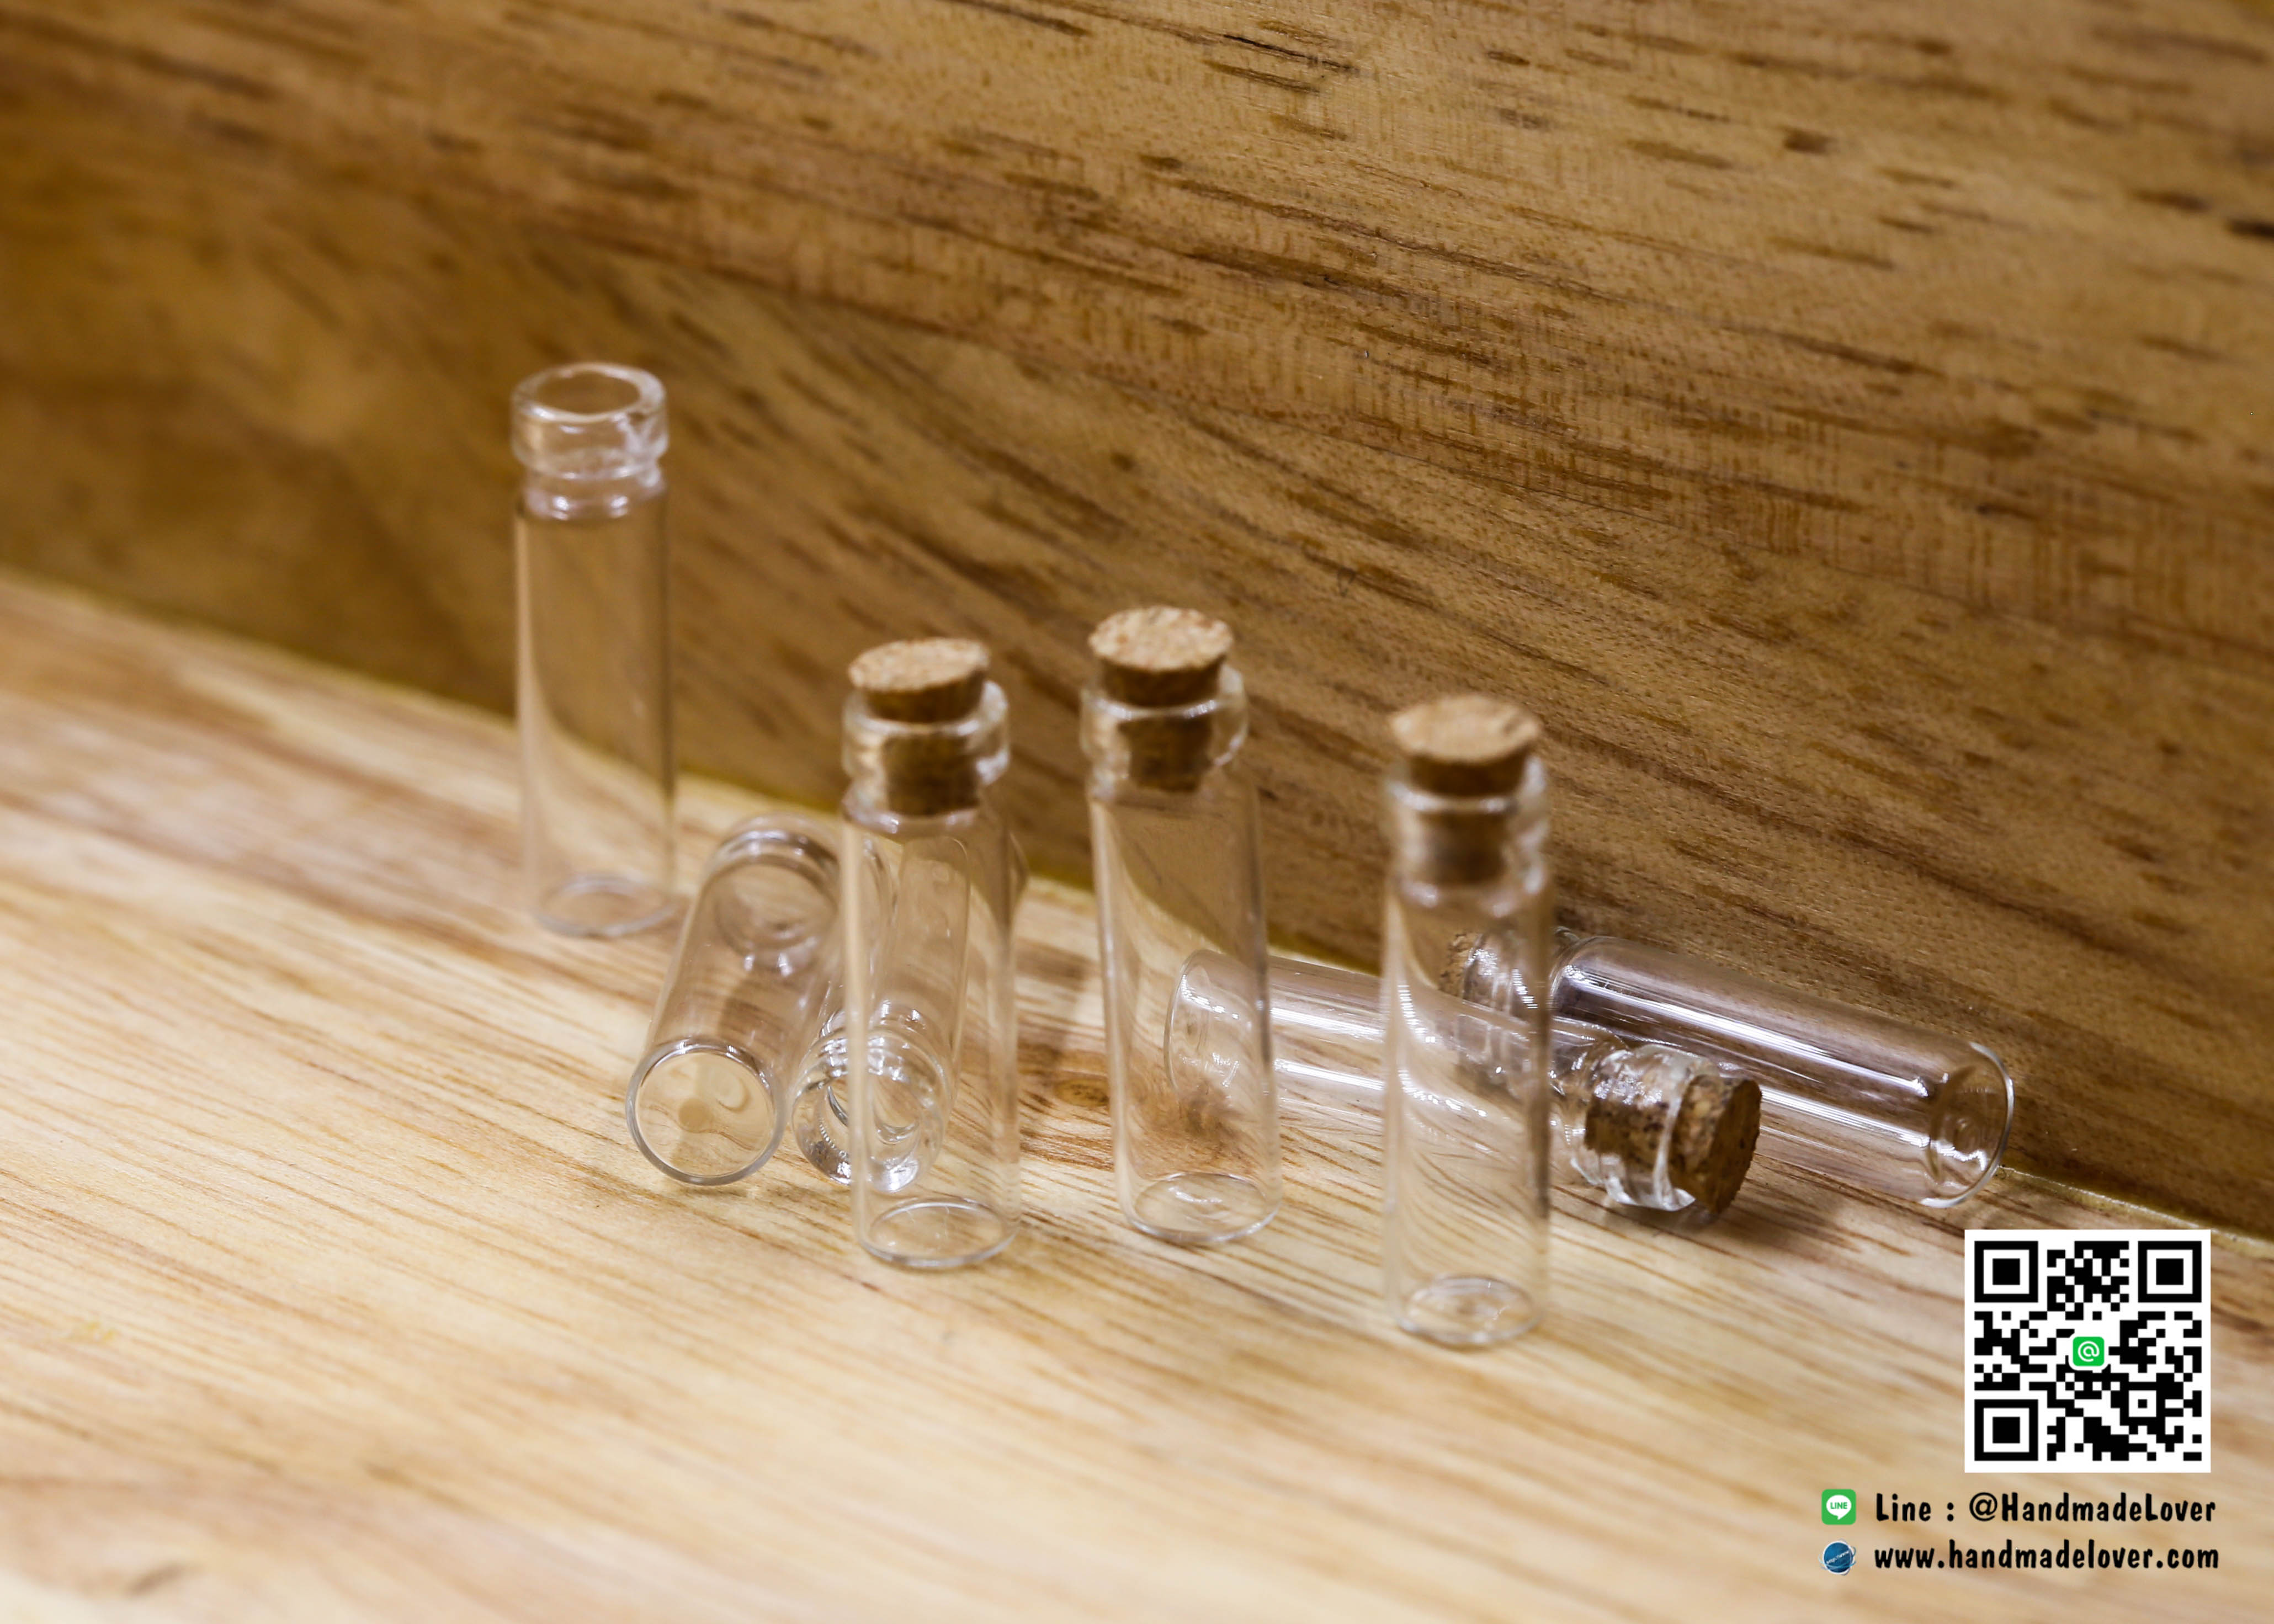 ขวดแก้วจิ๋ว (ฝาจุกไม้ก๊อก) ขนาด 7 x 24 มม (ปากขวด 4 มม)